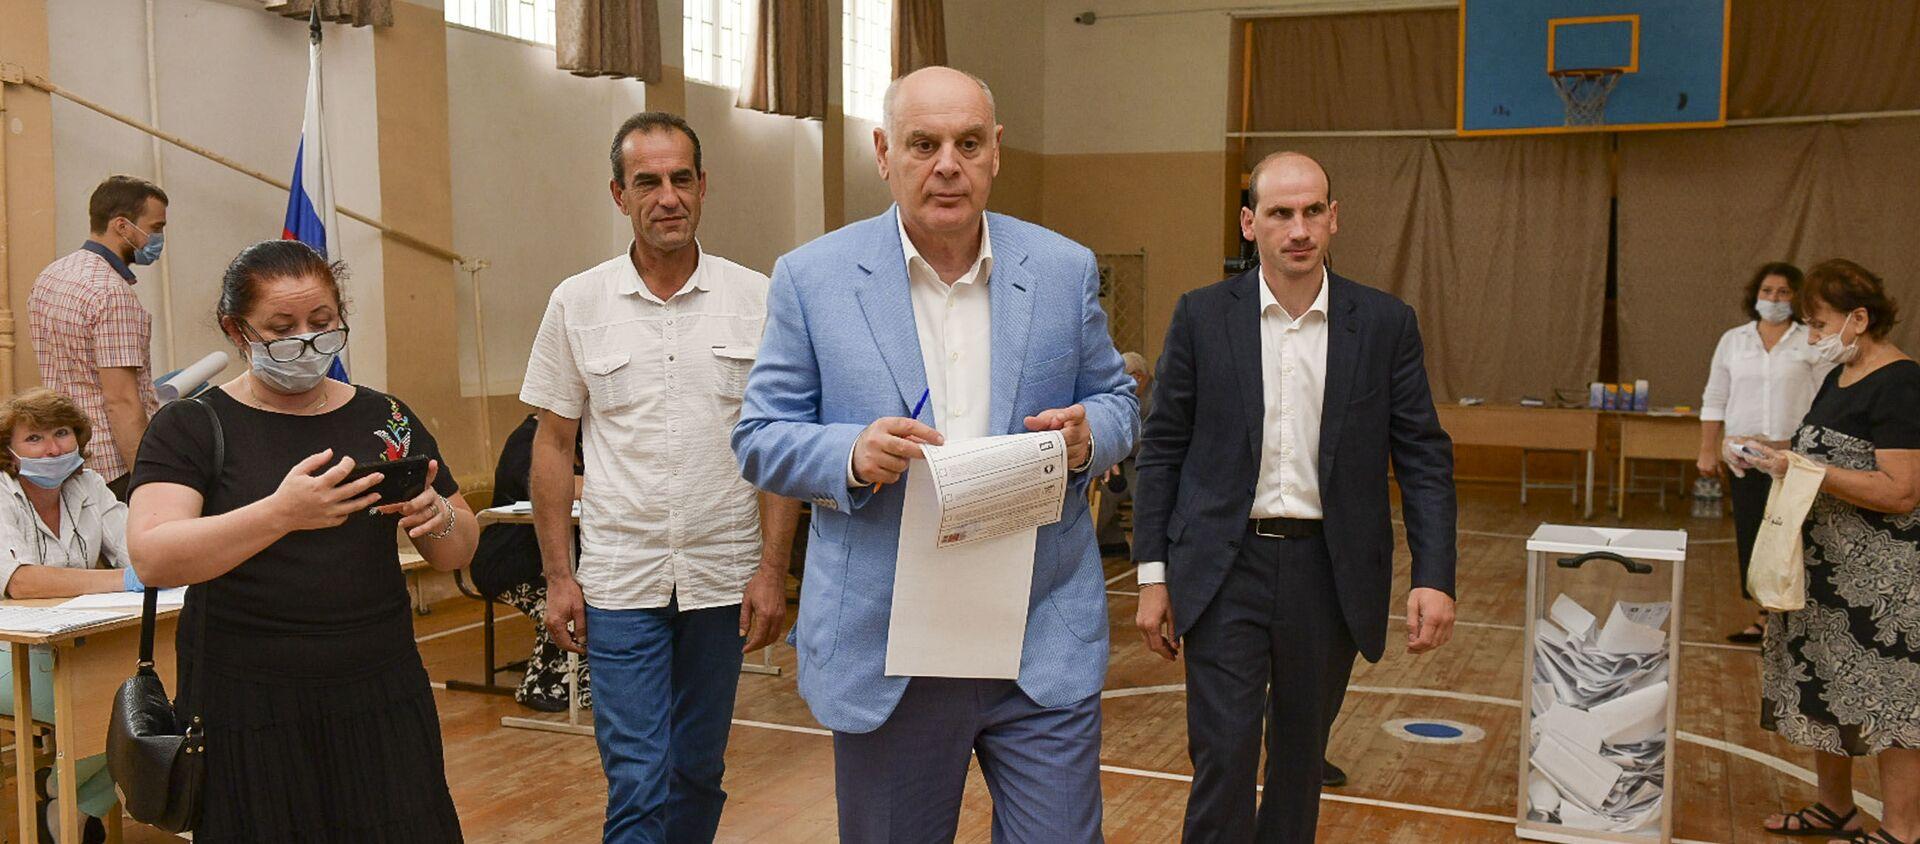 Мой гражданский долг: Аслан Бжания проголосовал на выборах в ГосДуму - Sputnik Абхазия, 1920, 19.09.2021